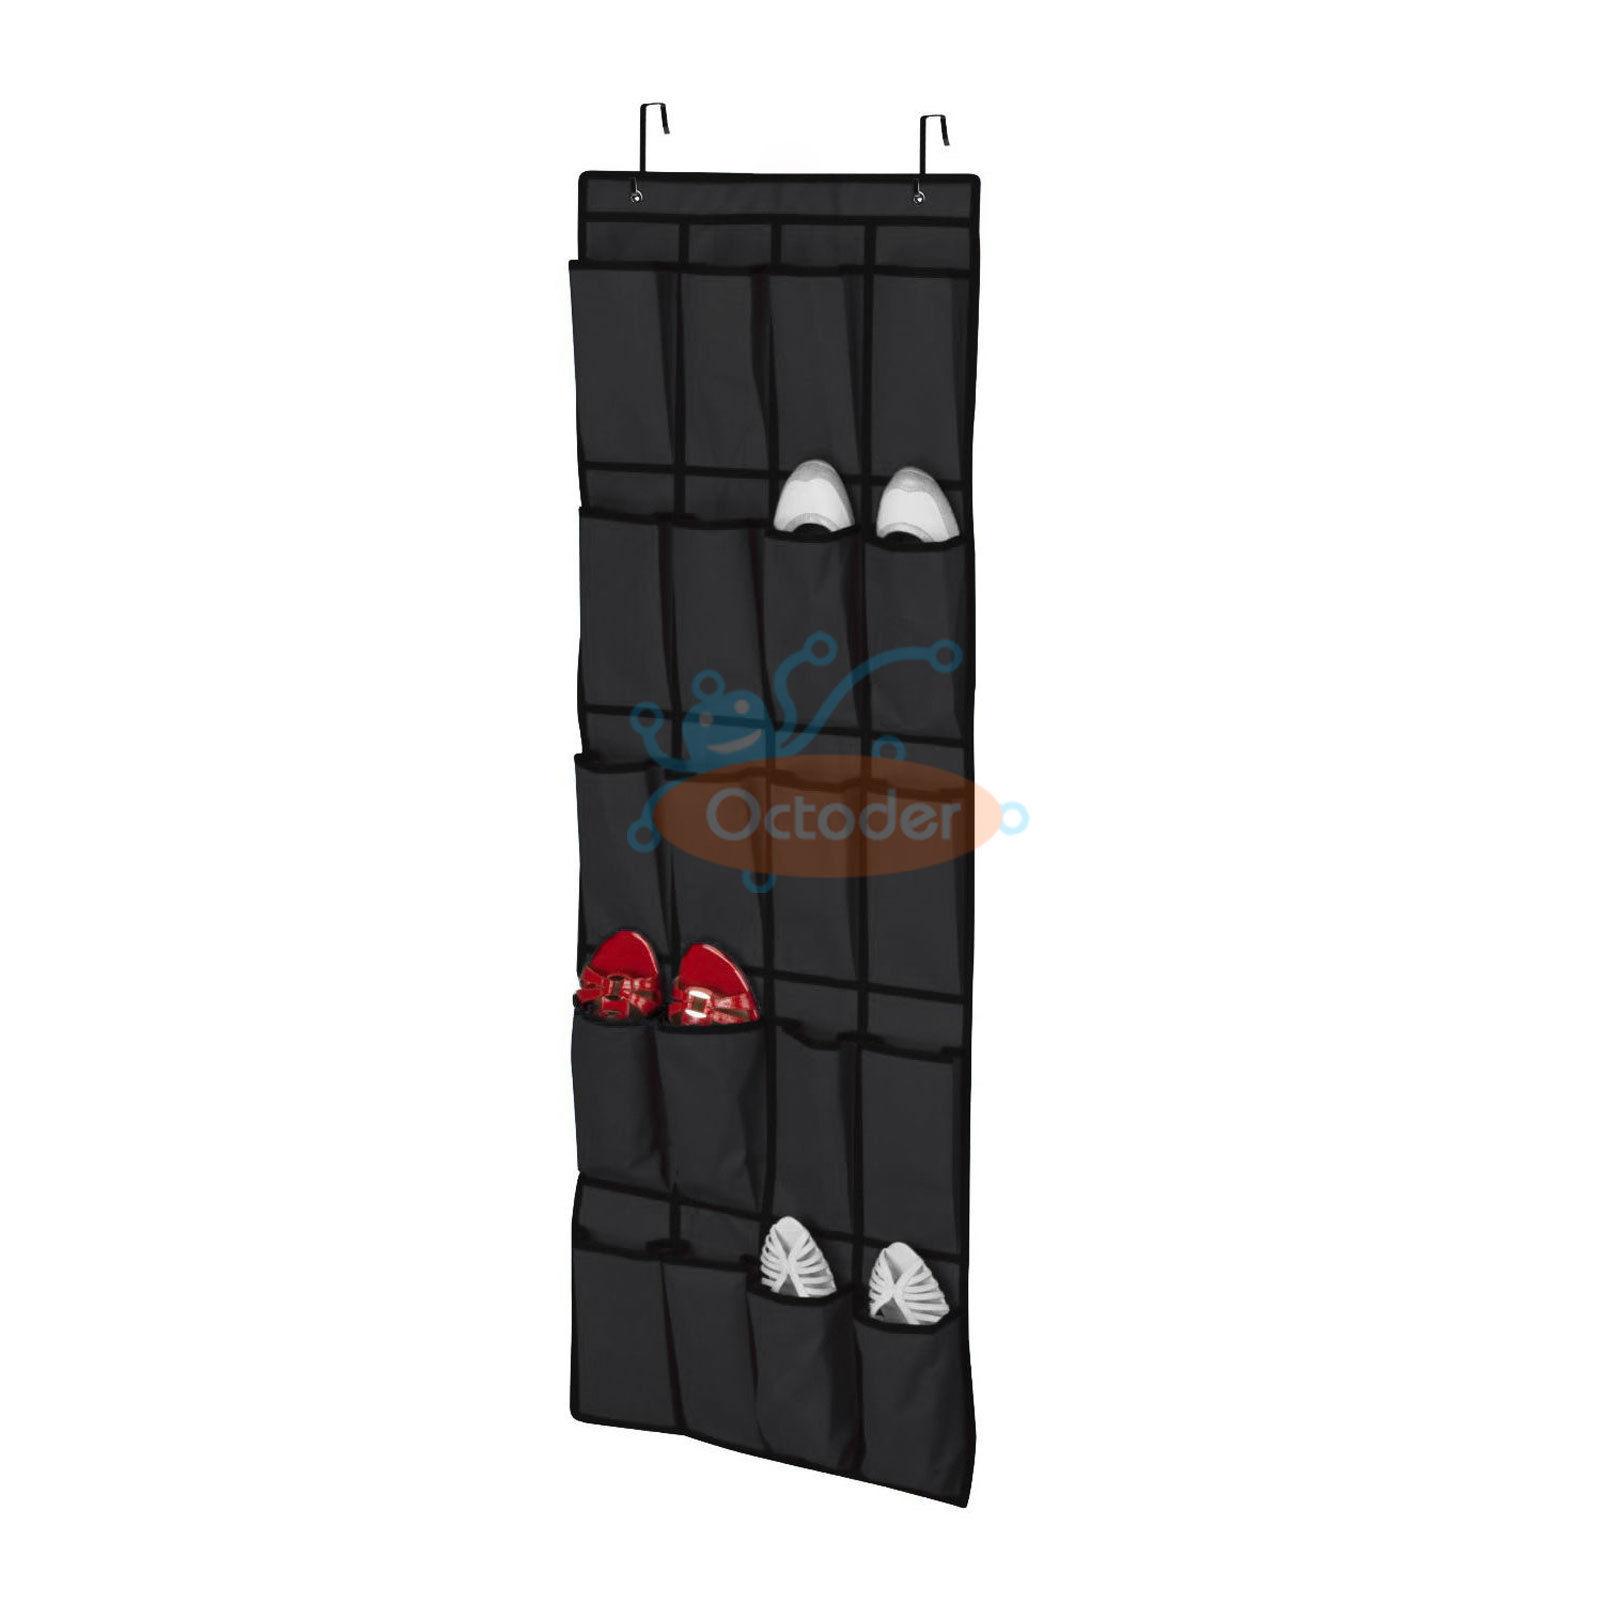 Elegant 20 Pocket Over The Door Shoe Organizer Rack